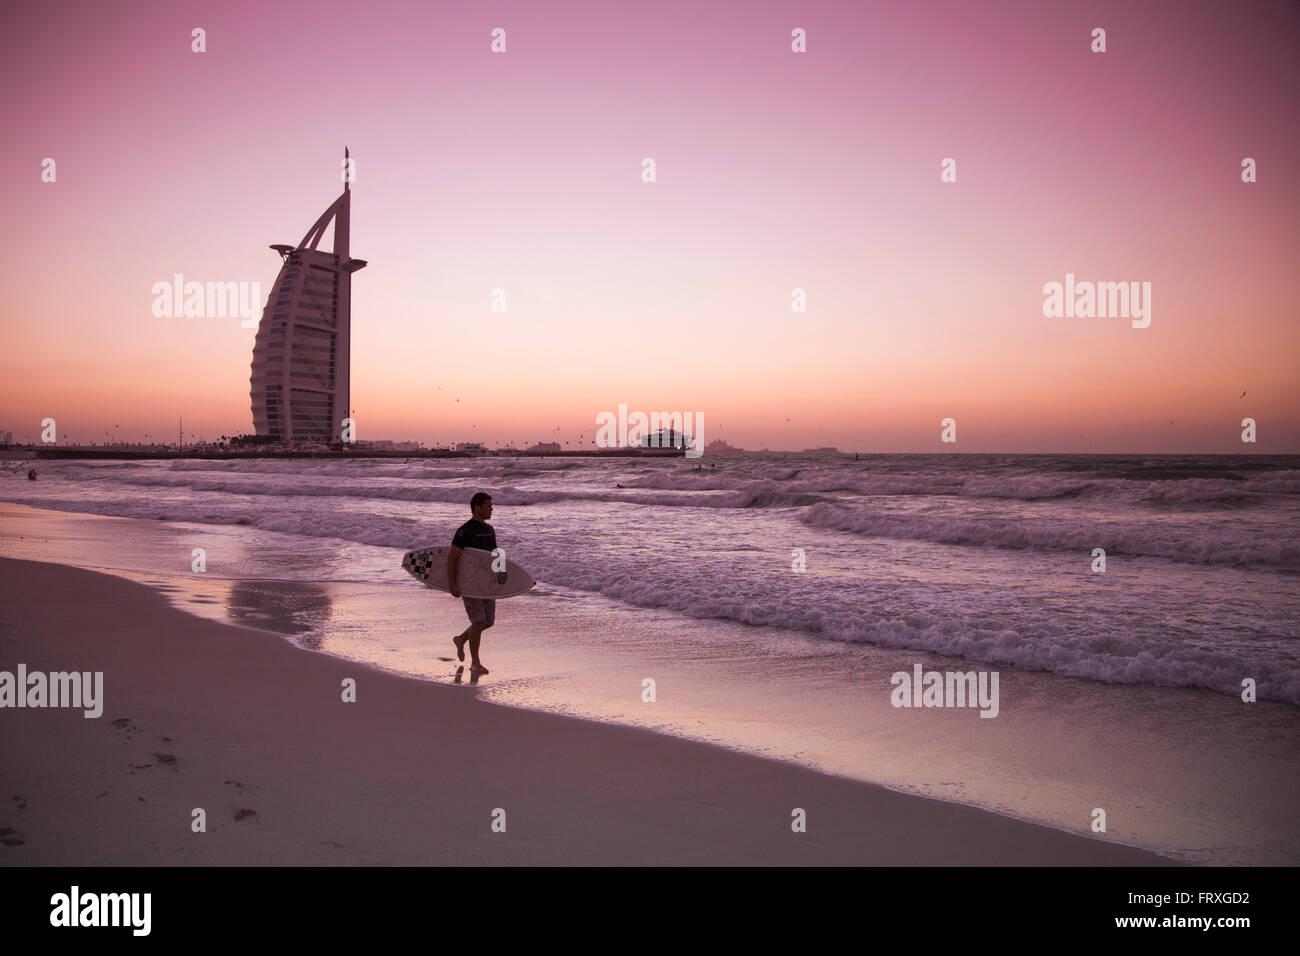 Surfer à marcher le long de la plage près de l'hôtel Burj al Arab au coucher du soleil, Dubaï, Photo Stock